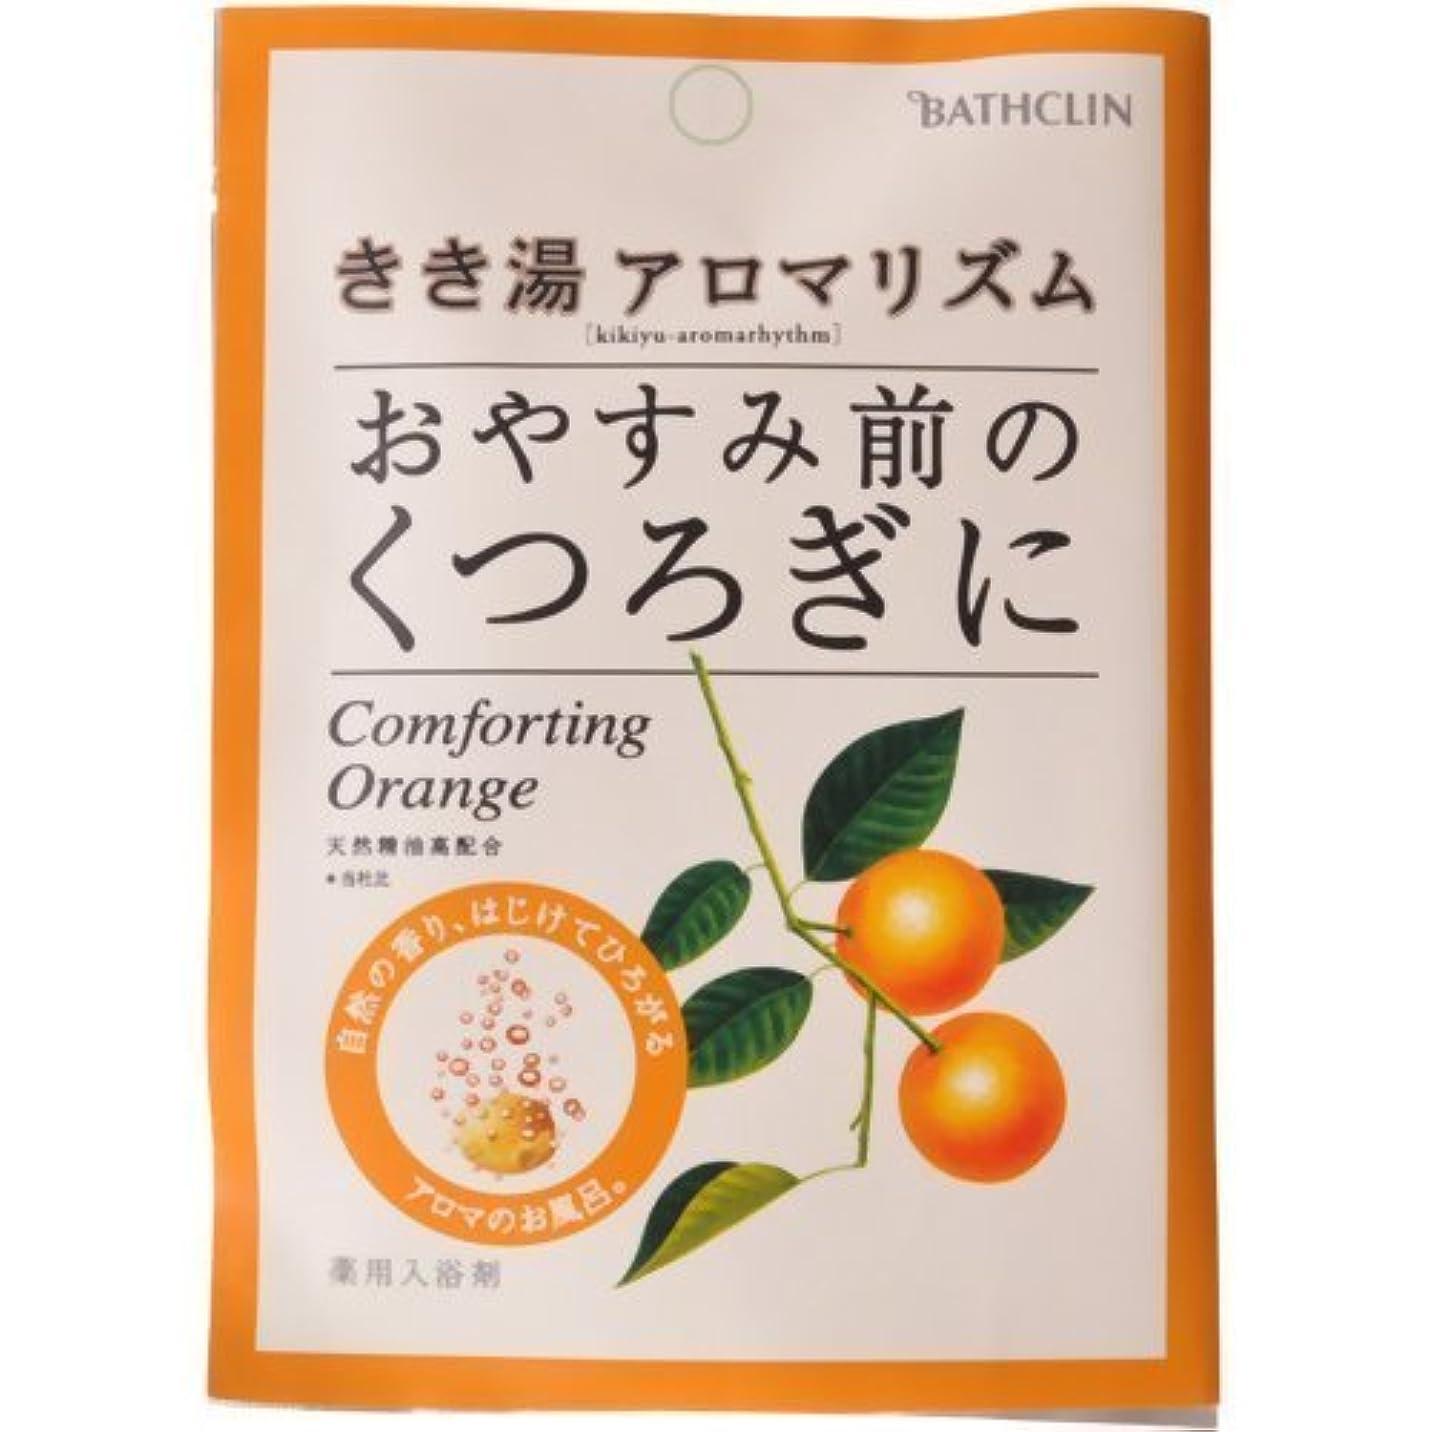 安定半径絶対にきき湯 アロマリズム コンフォーティングの香り 30g